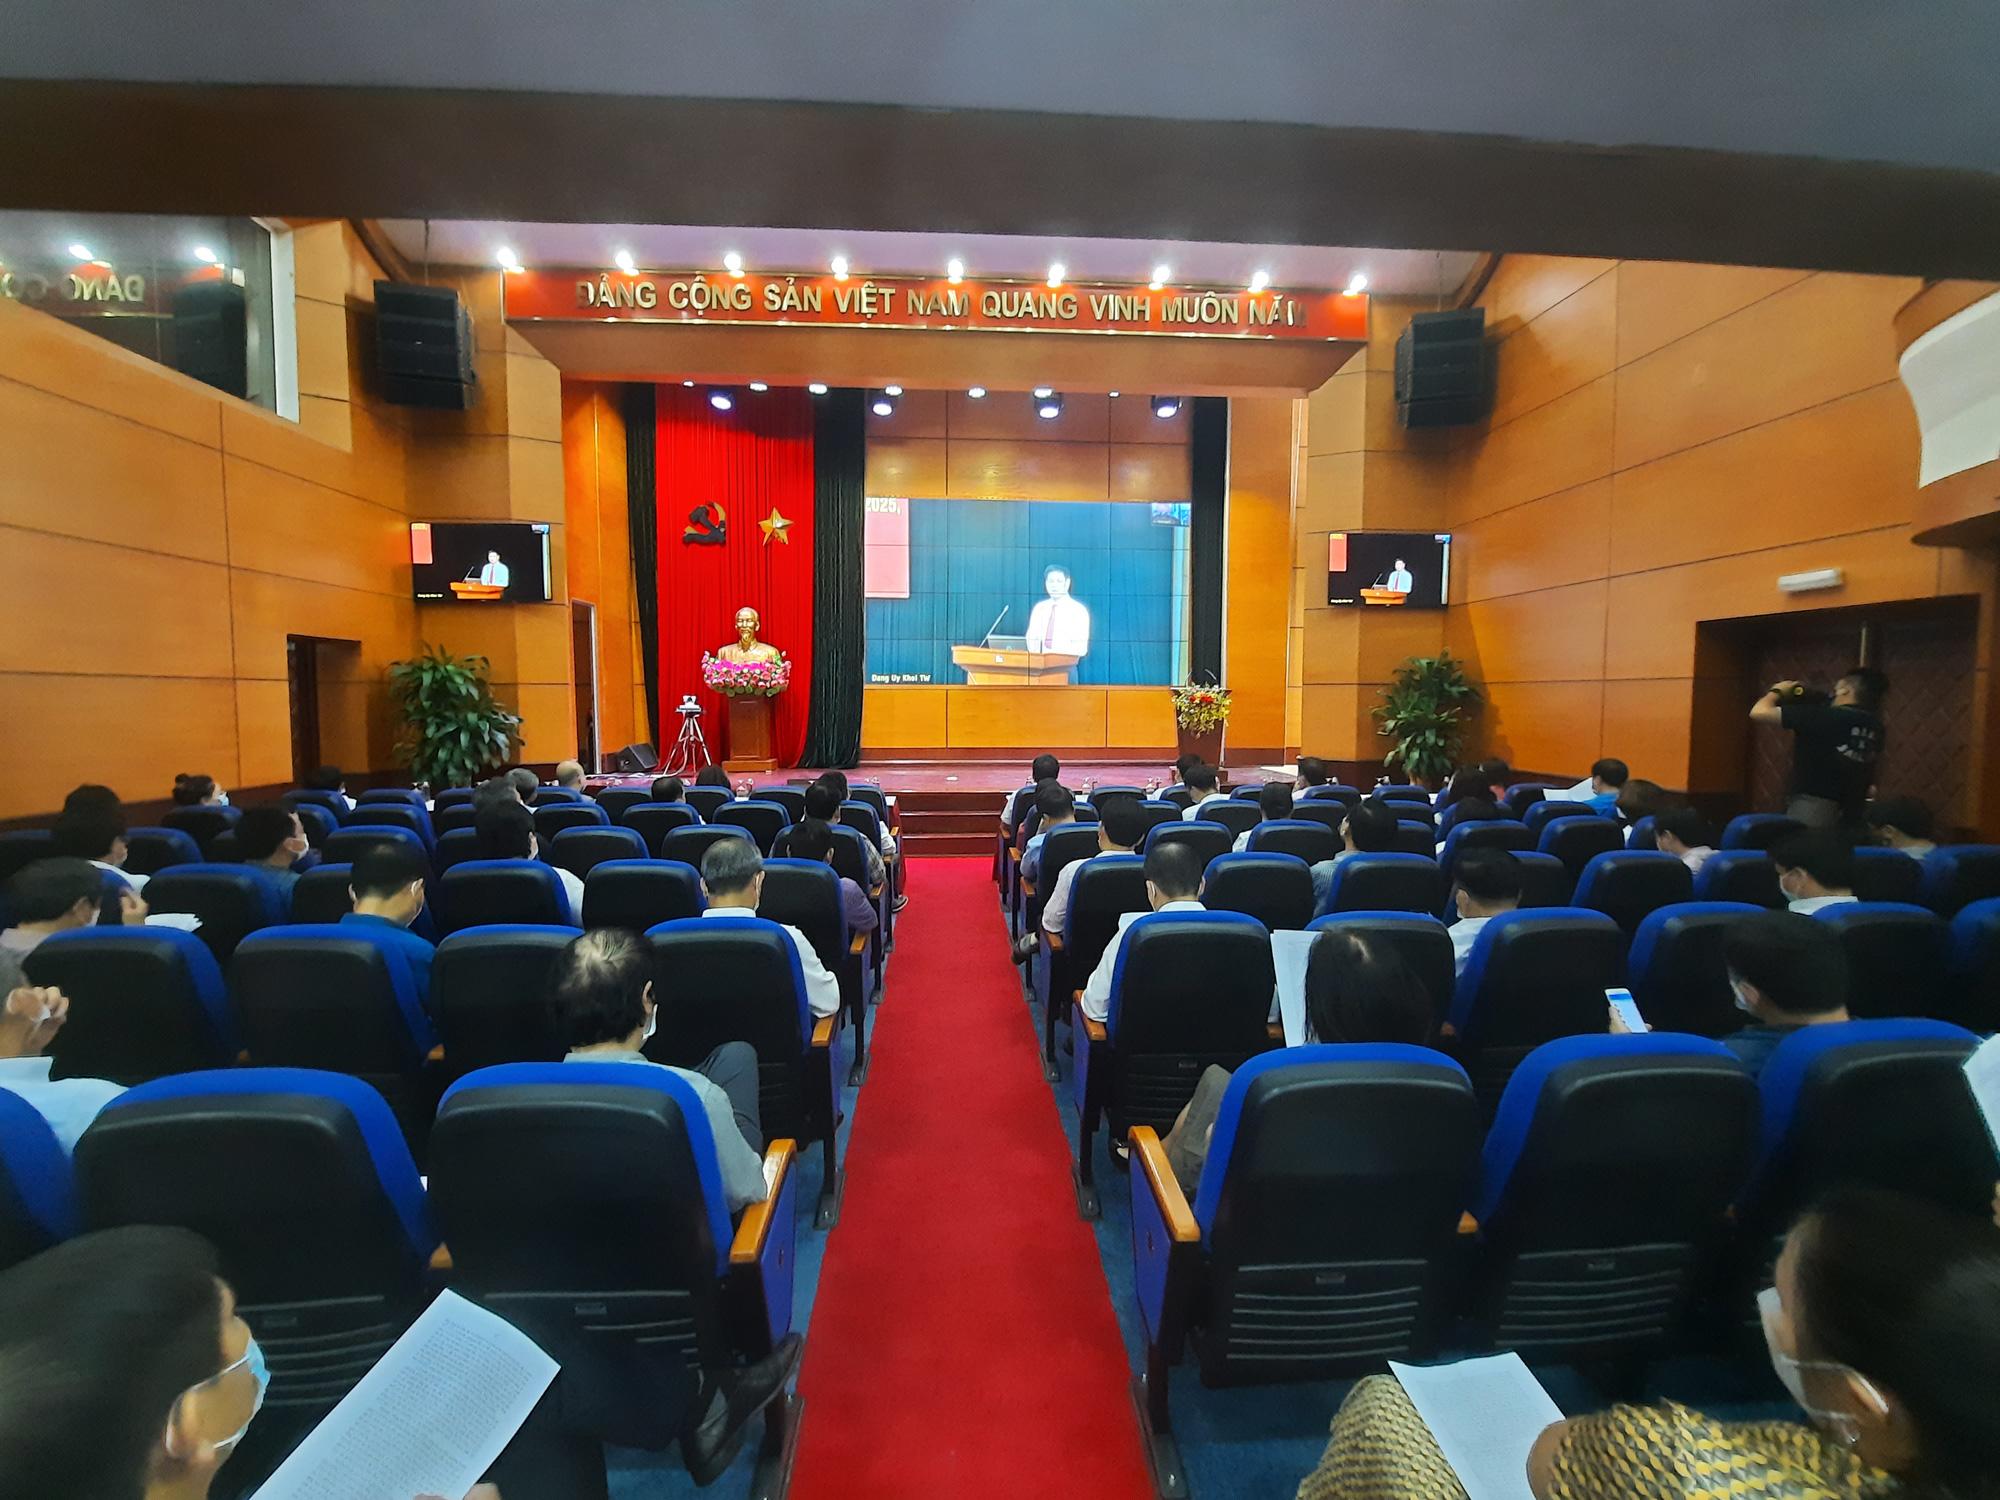 Đảng bộ Khối các cơ quan Trung ương quán triệt và triển khai Nghị quyết Đại hội XIII của Đảng - Ảnh 2.